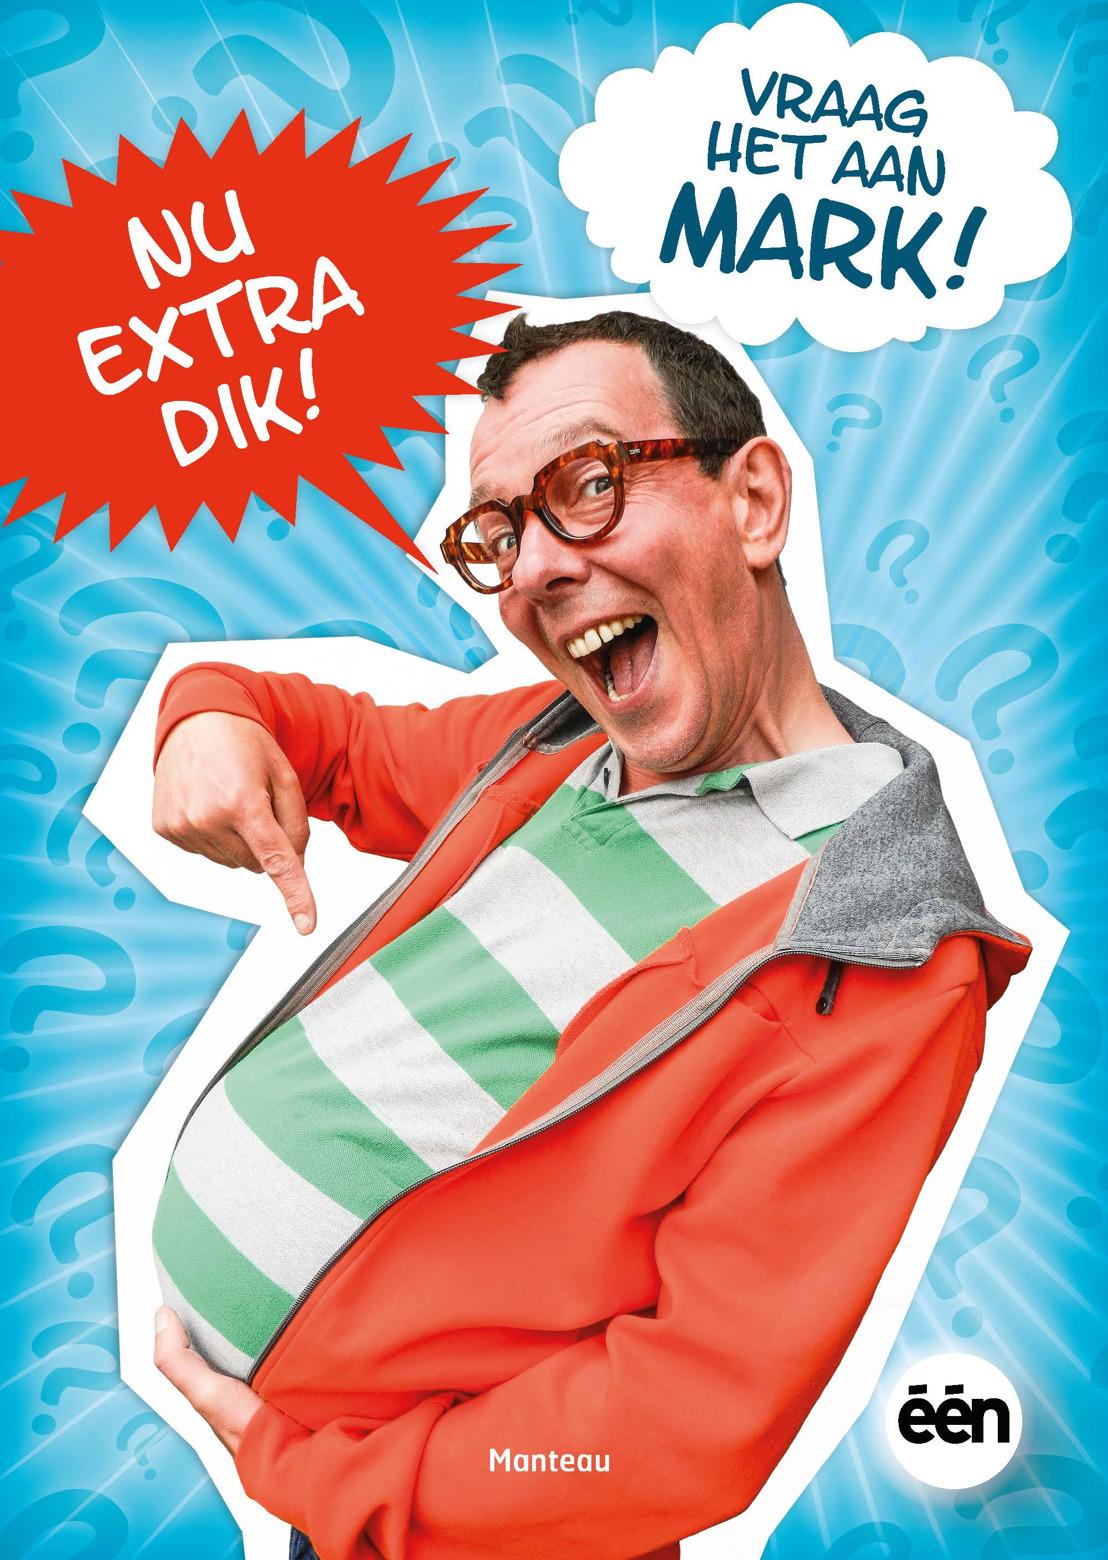 Vraag het aan Mark! Nu extra dik!